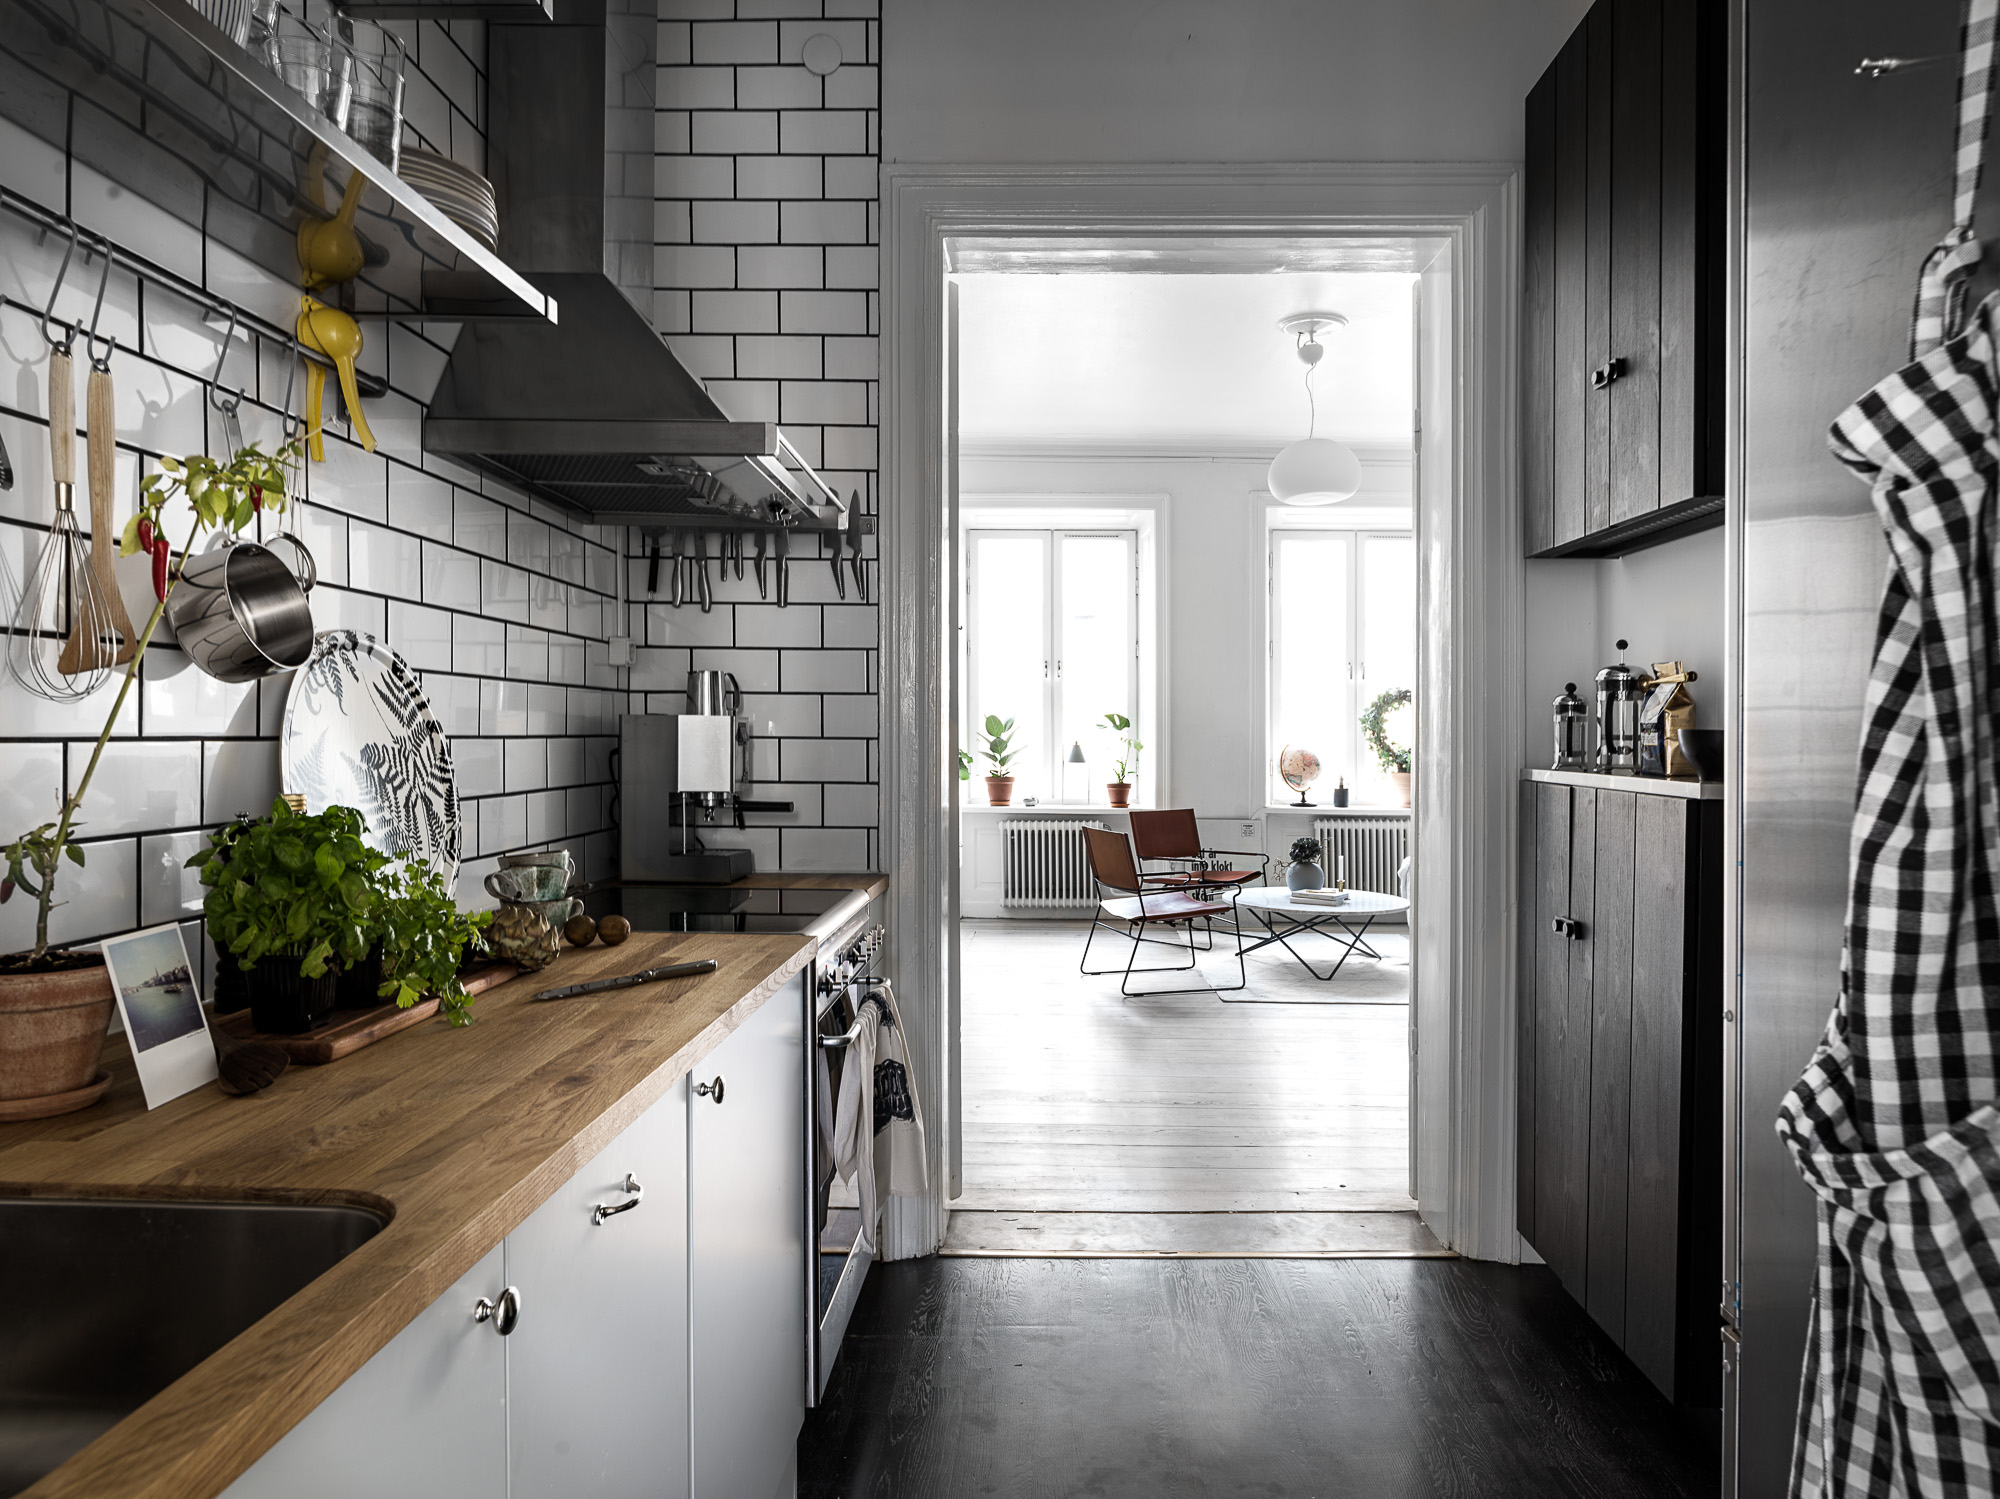 Creatief ingericht klein appartement van 44m2